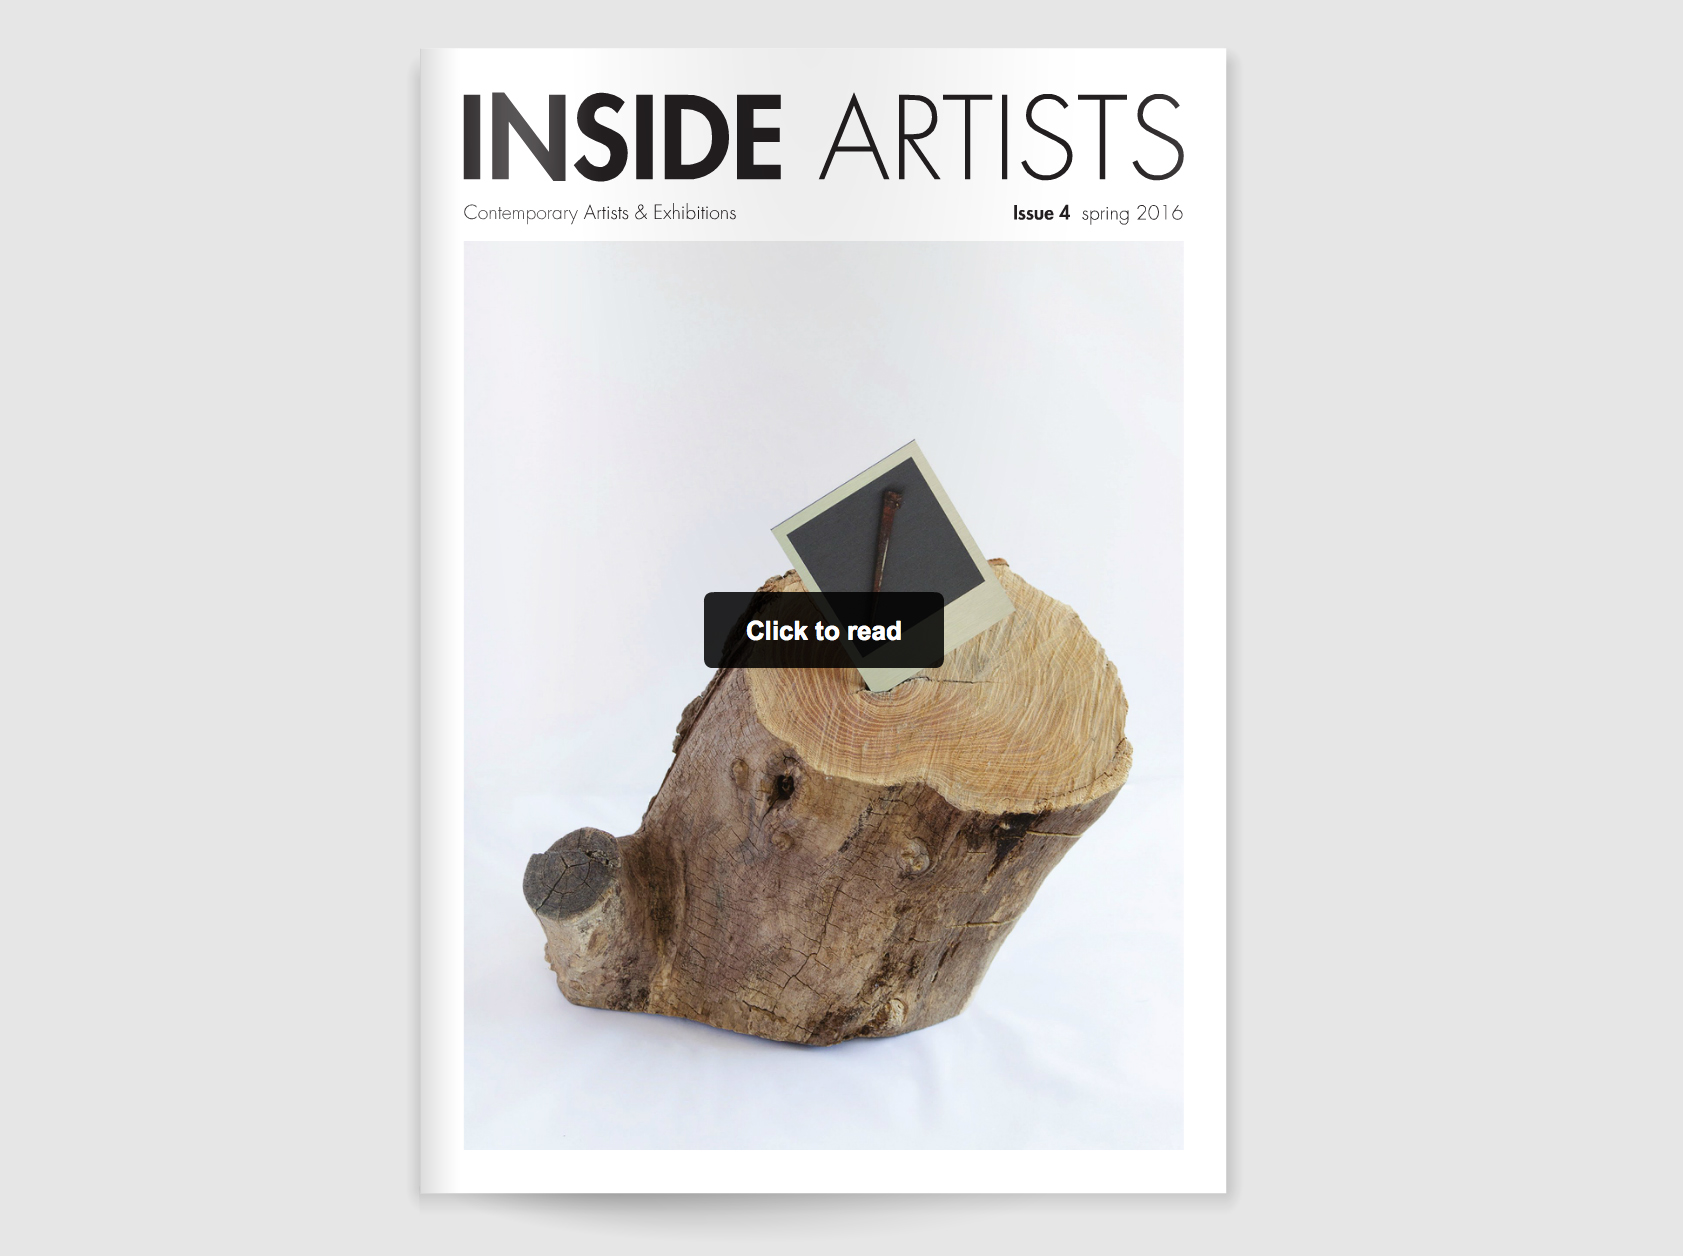 inside artists cover.jpg